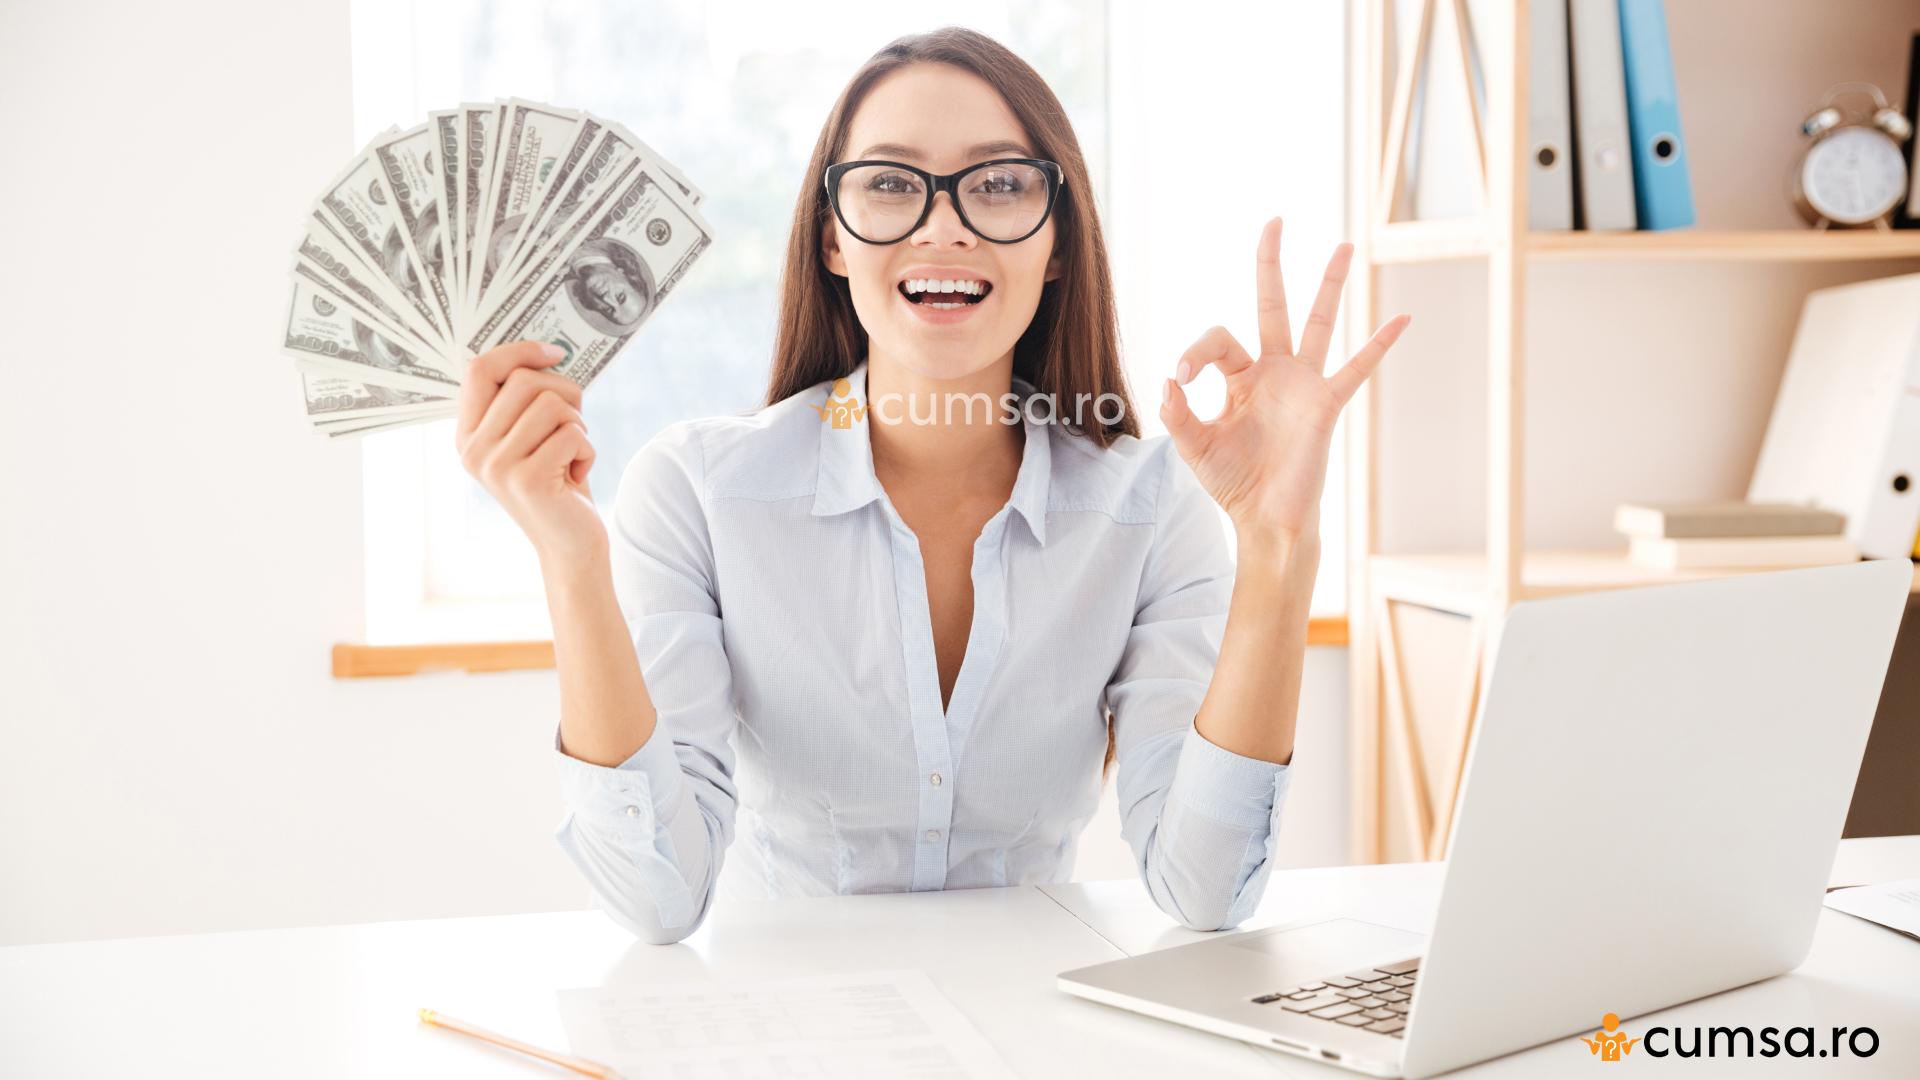 în căutarea unui loc de muncă cu bani ușori